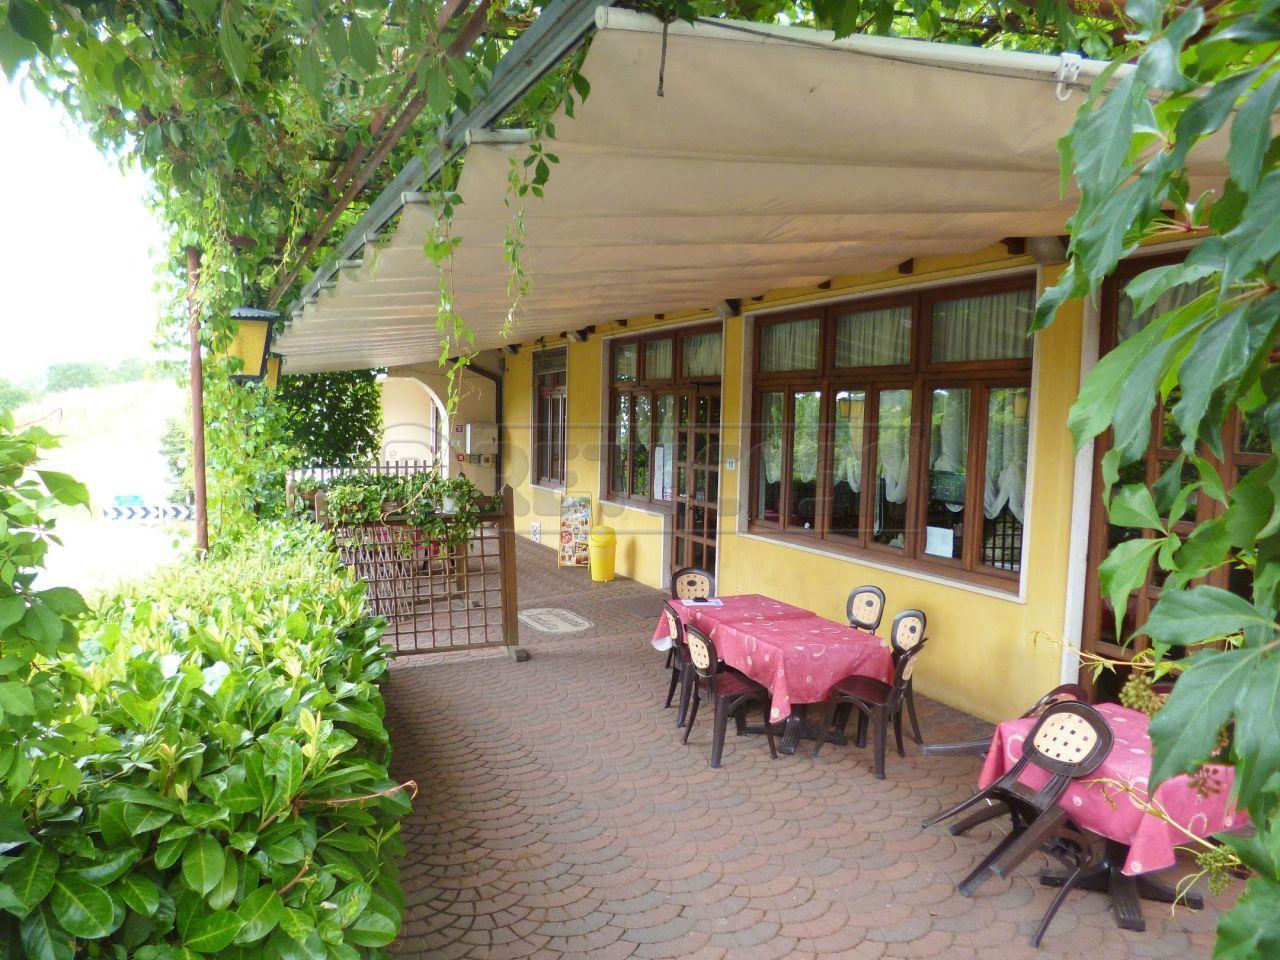 Ristorante / Pizzeria / Trattoria in vendita a Zovencedo, 9999 locali, prezzo € 70.000 | Cambio Casa.it